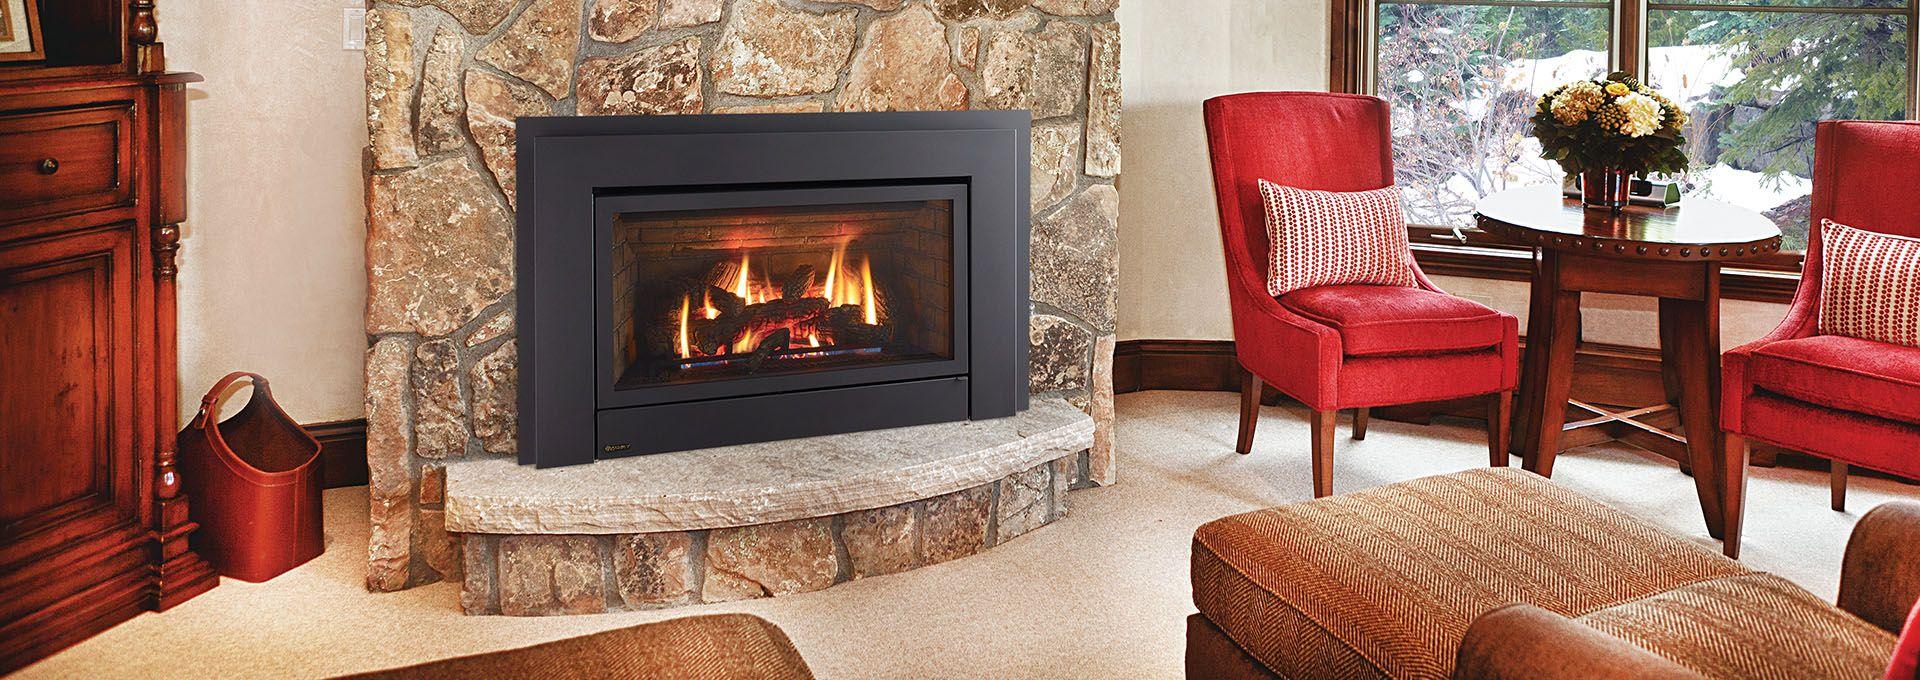 Energy E33 High Efficiency Gas Fireplace Insert Regency In